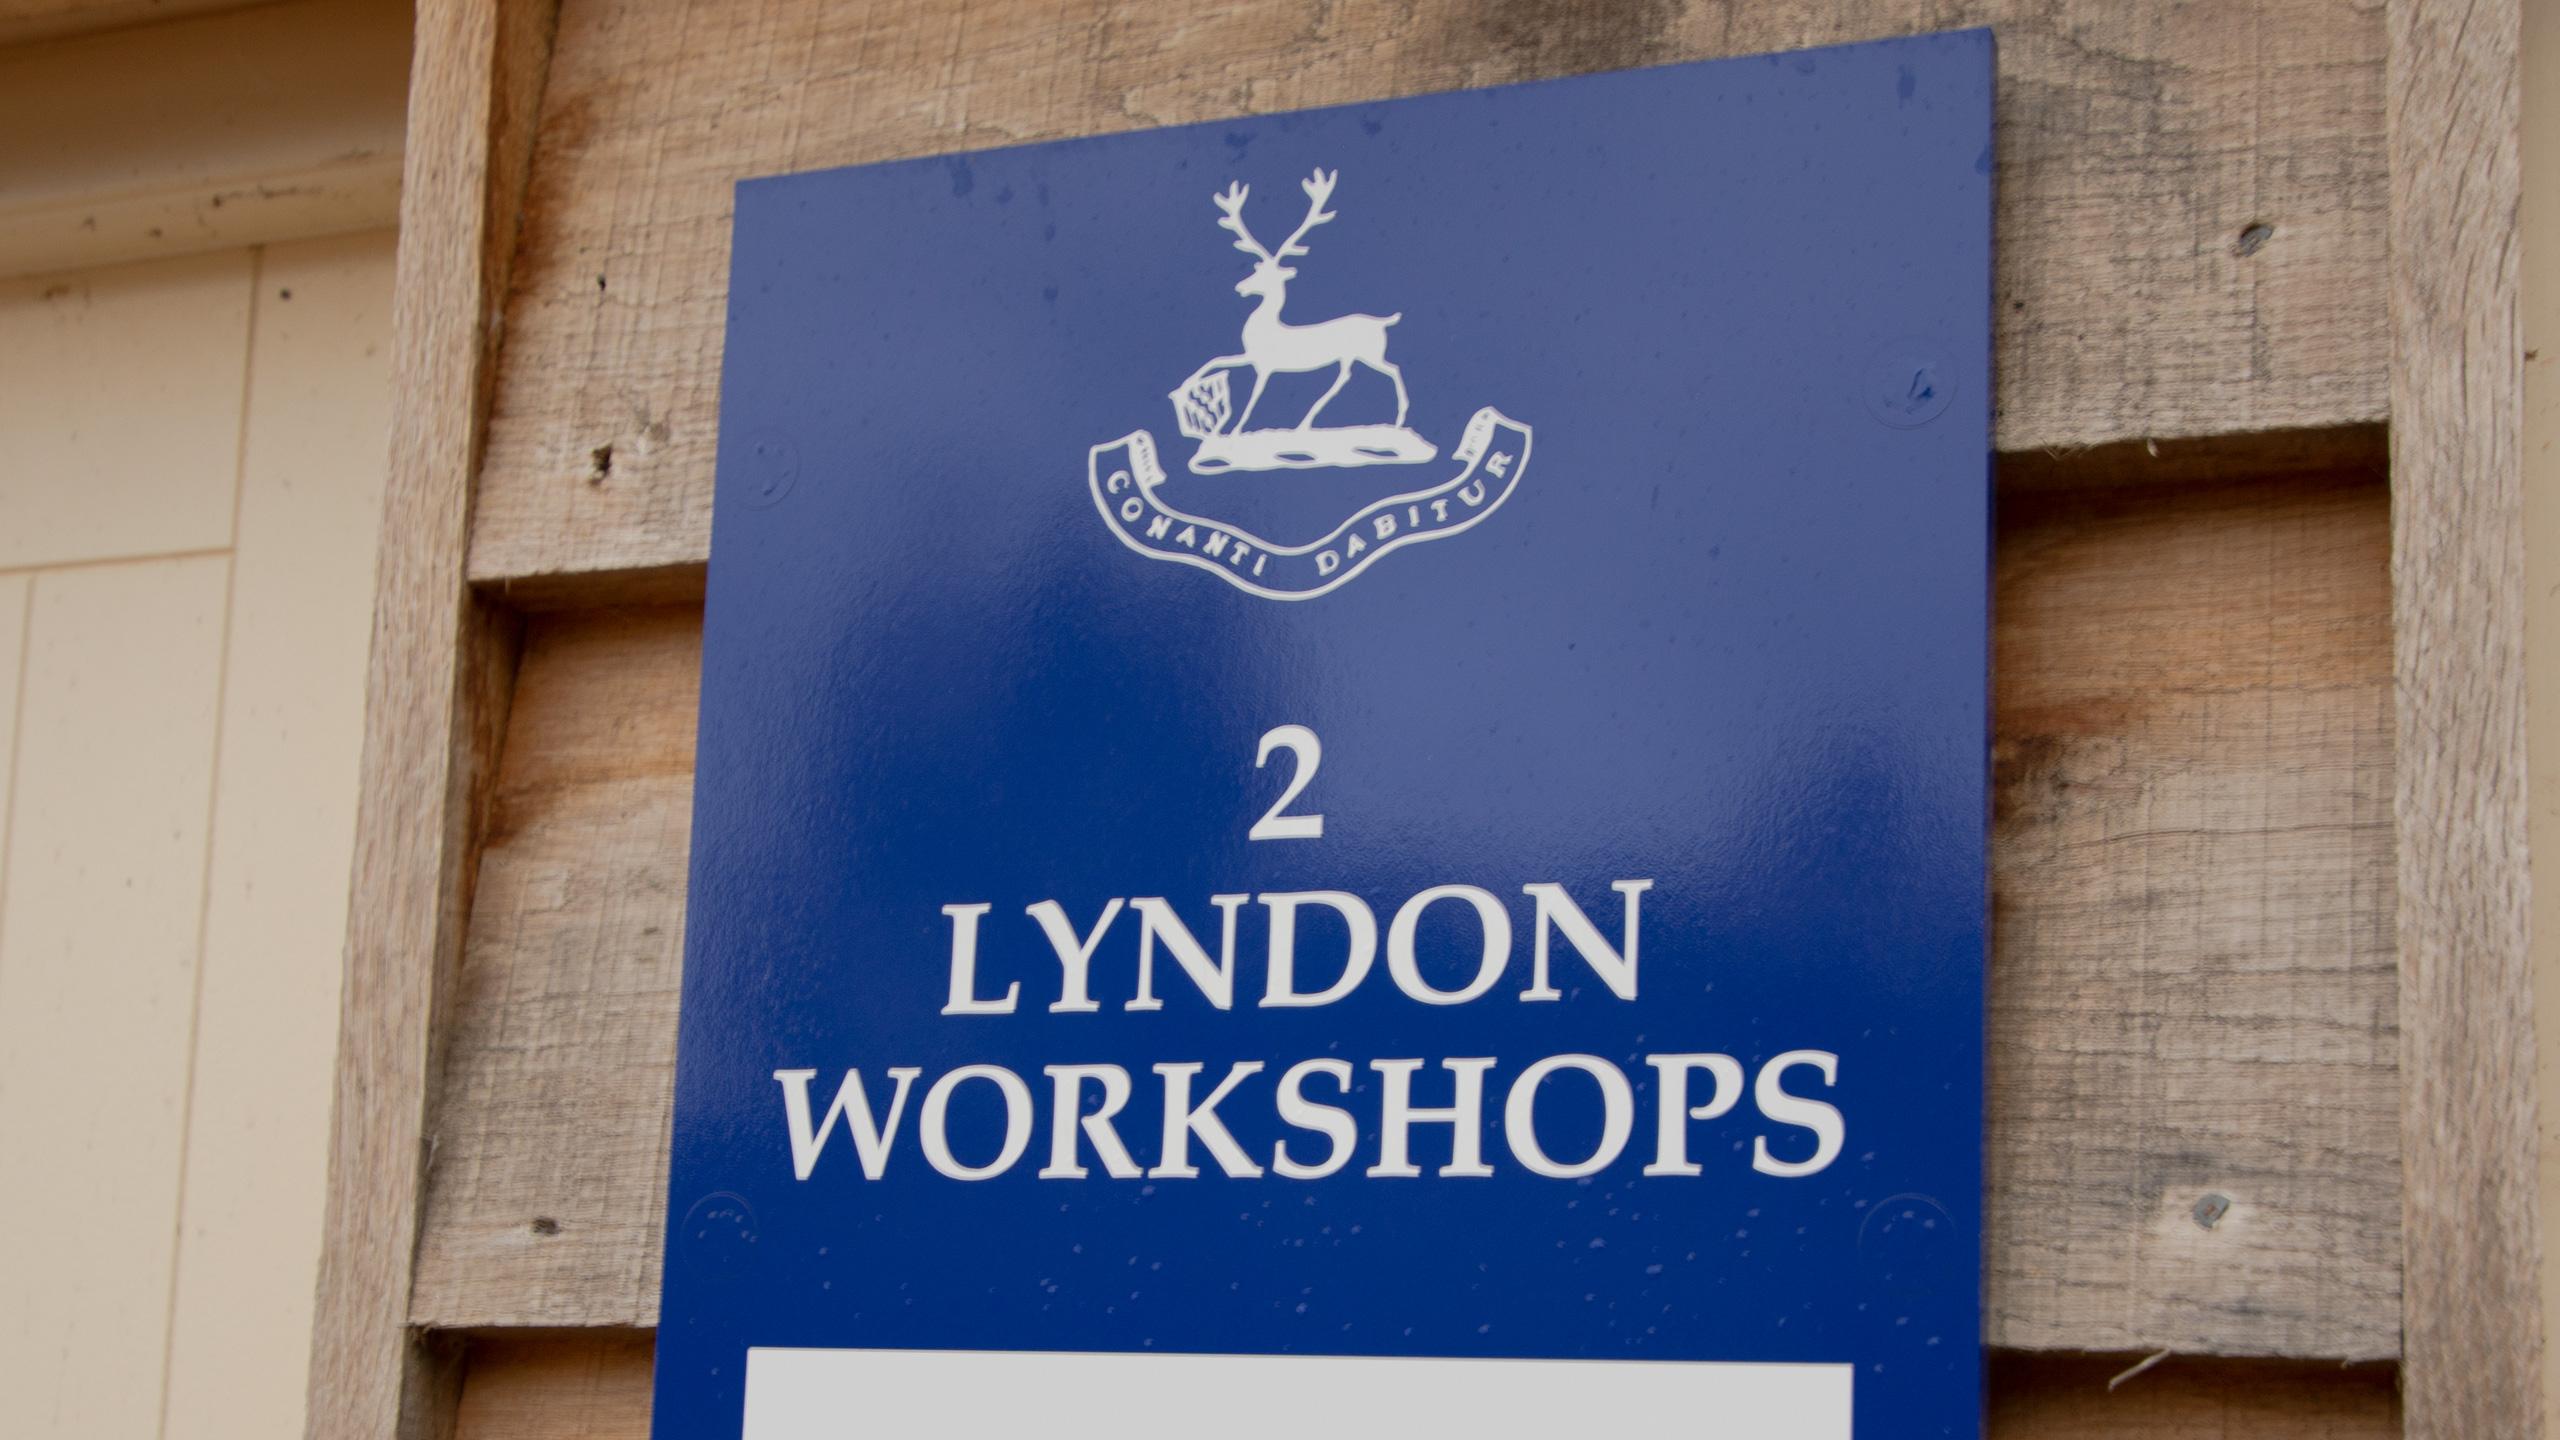 No.2 Lyndon Workshops - Personalised Signage